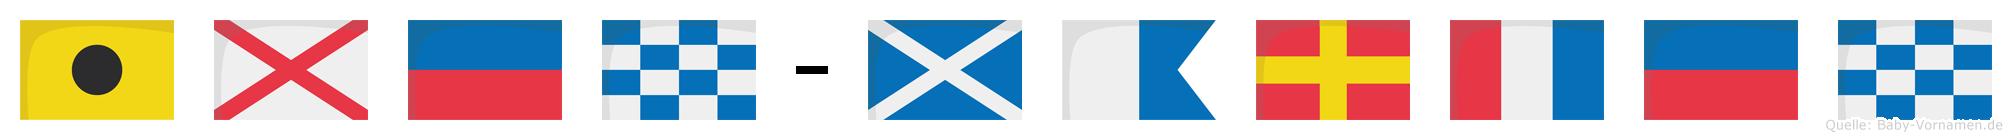 Iven-Marten im Flaggenalphabet